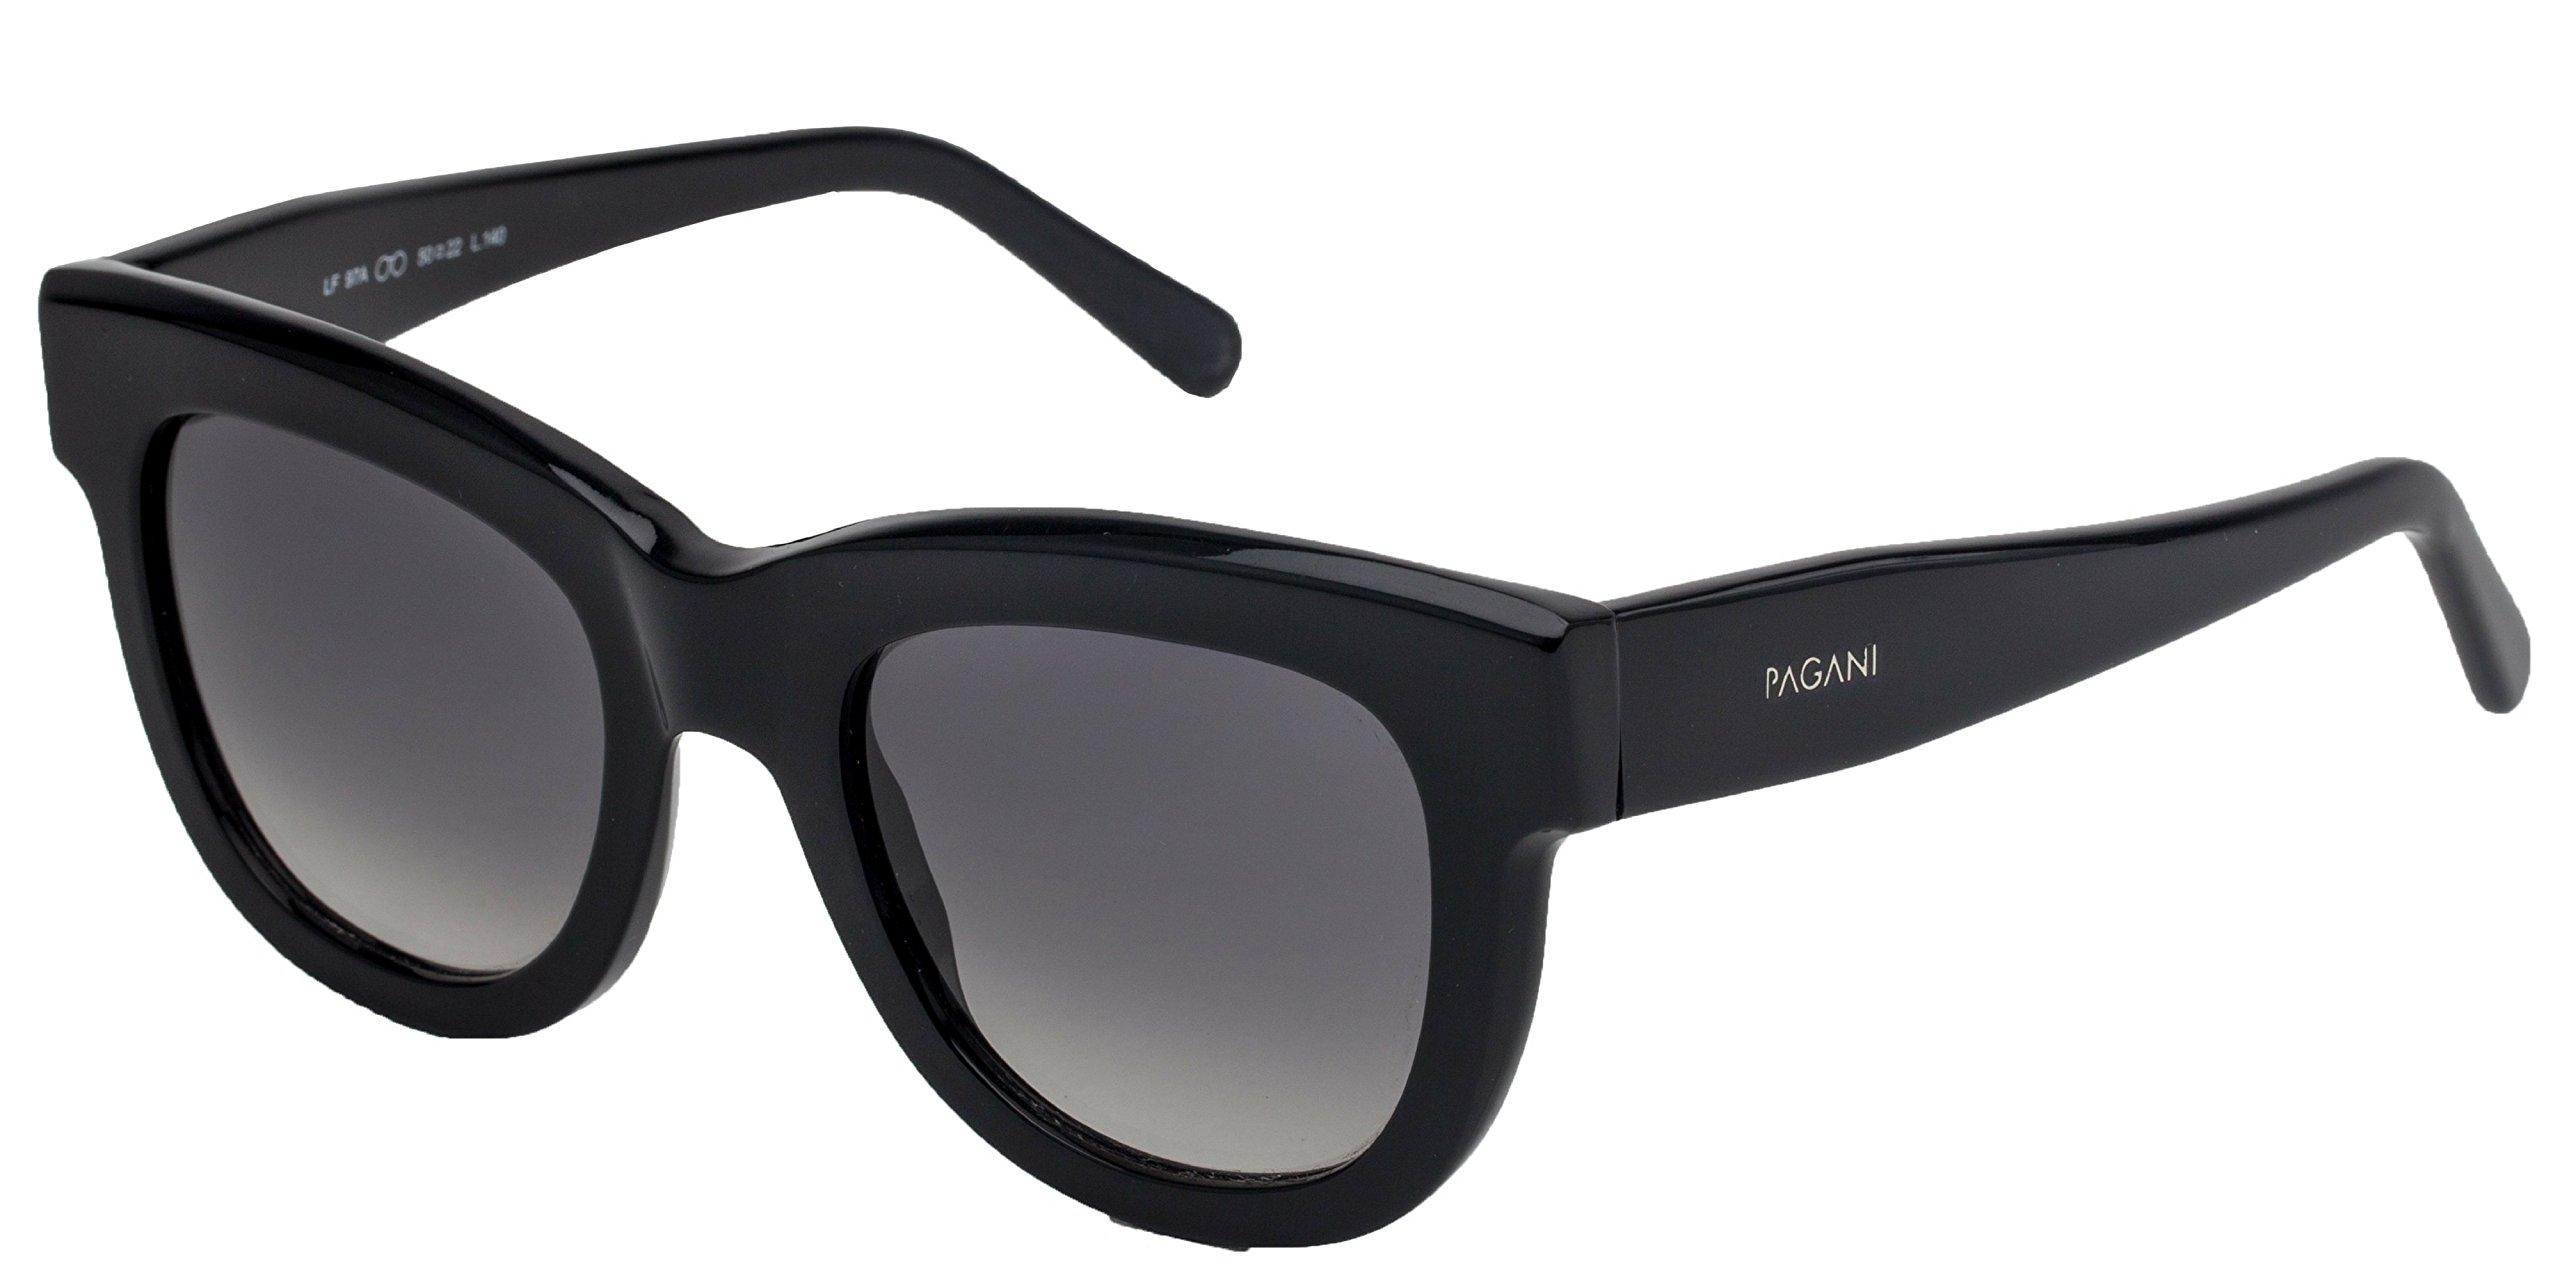 PAGANI Fiore Italian Designer Sunglasses for Women - Flexible Prescription Ready Frames - Unique Colors and Exclusive Designs - Includes Authentic Pagani Premium Case (Marble, Black) by PAGANI